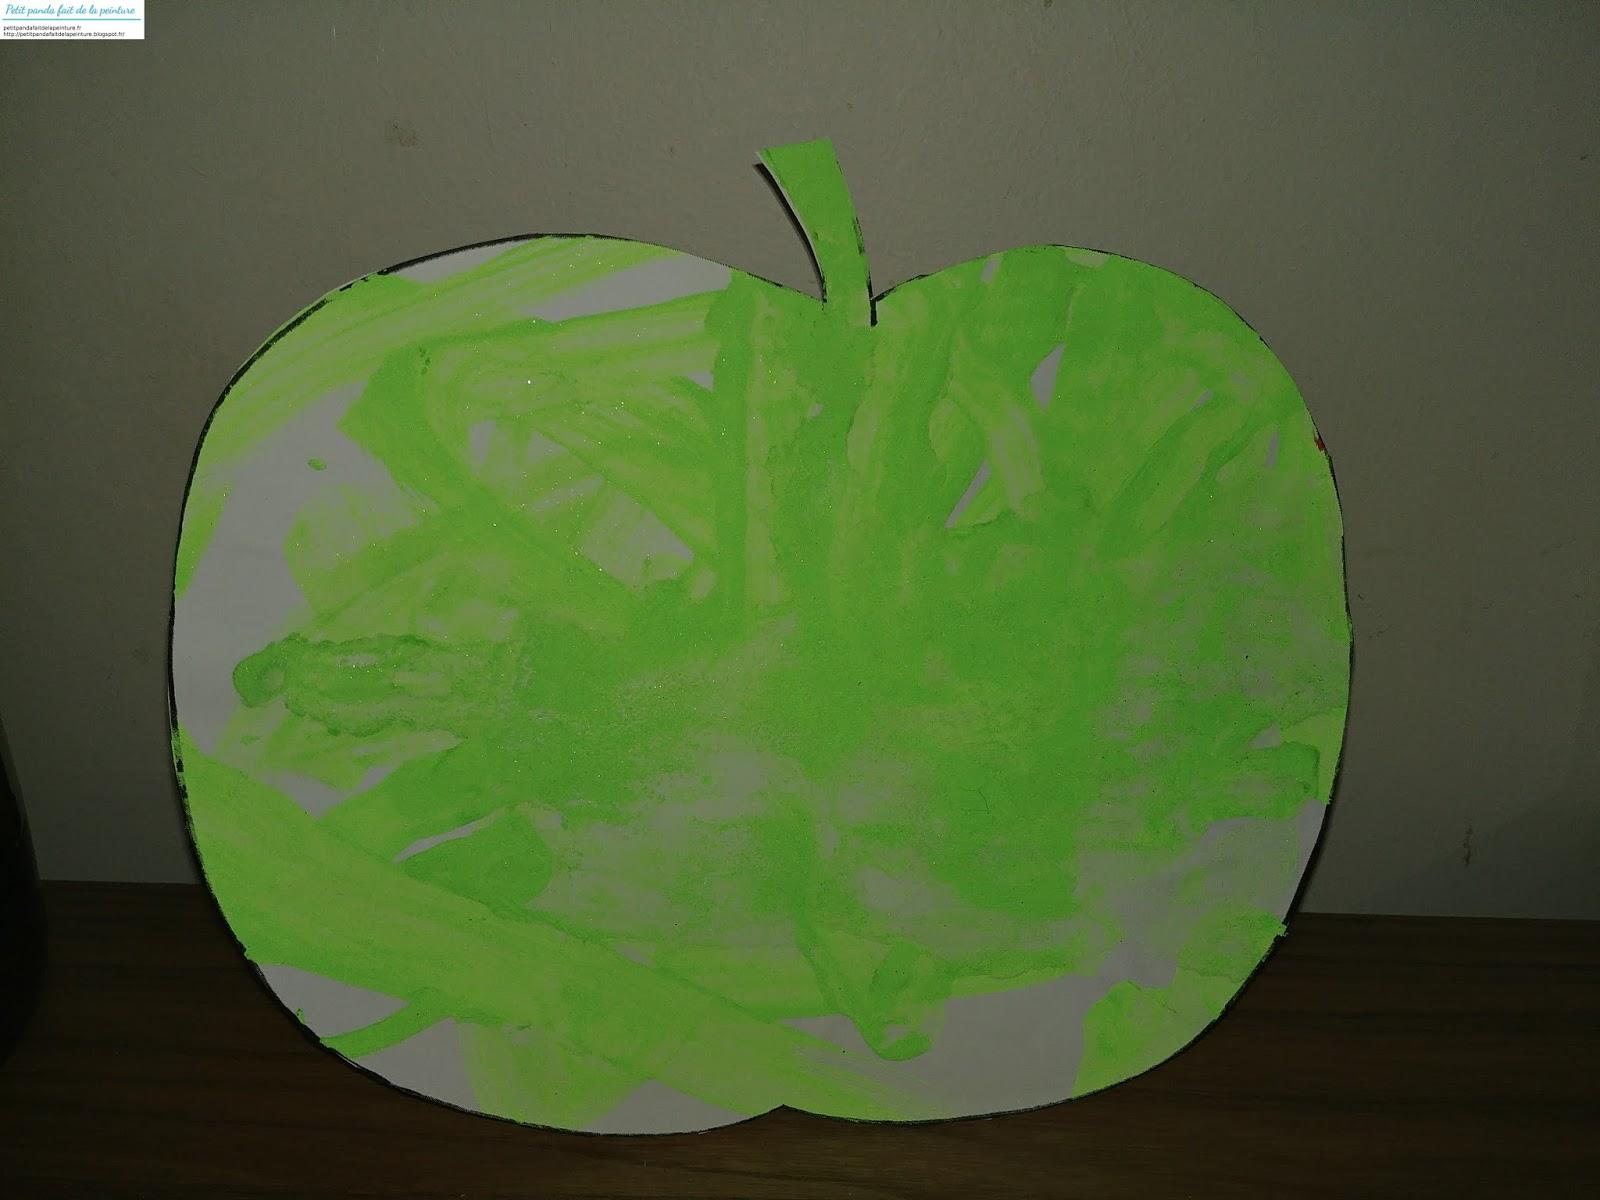 Beau Image De Pomme à Imprimer